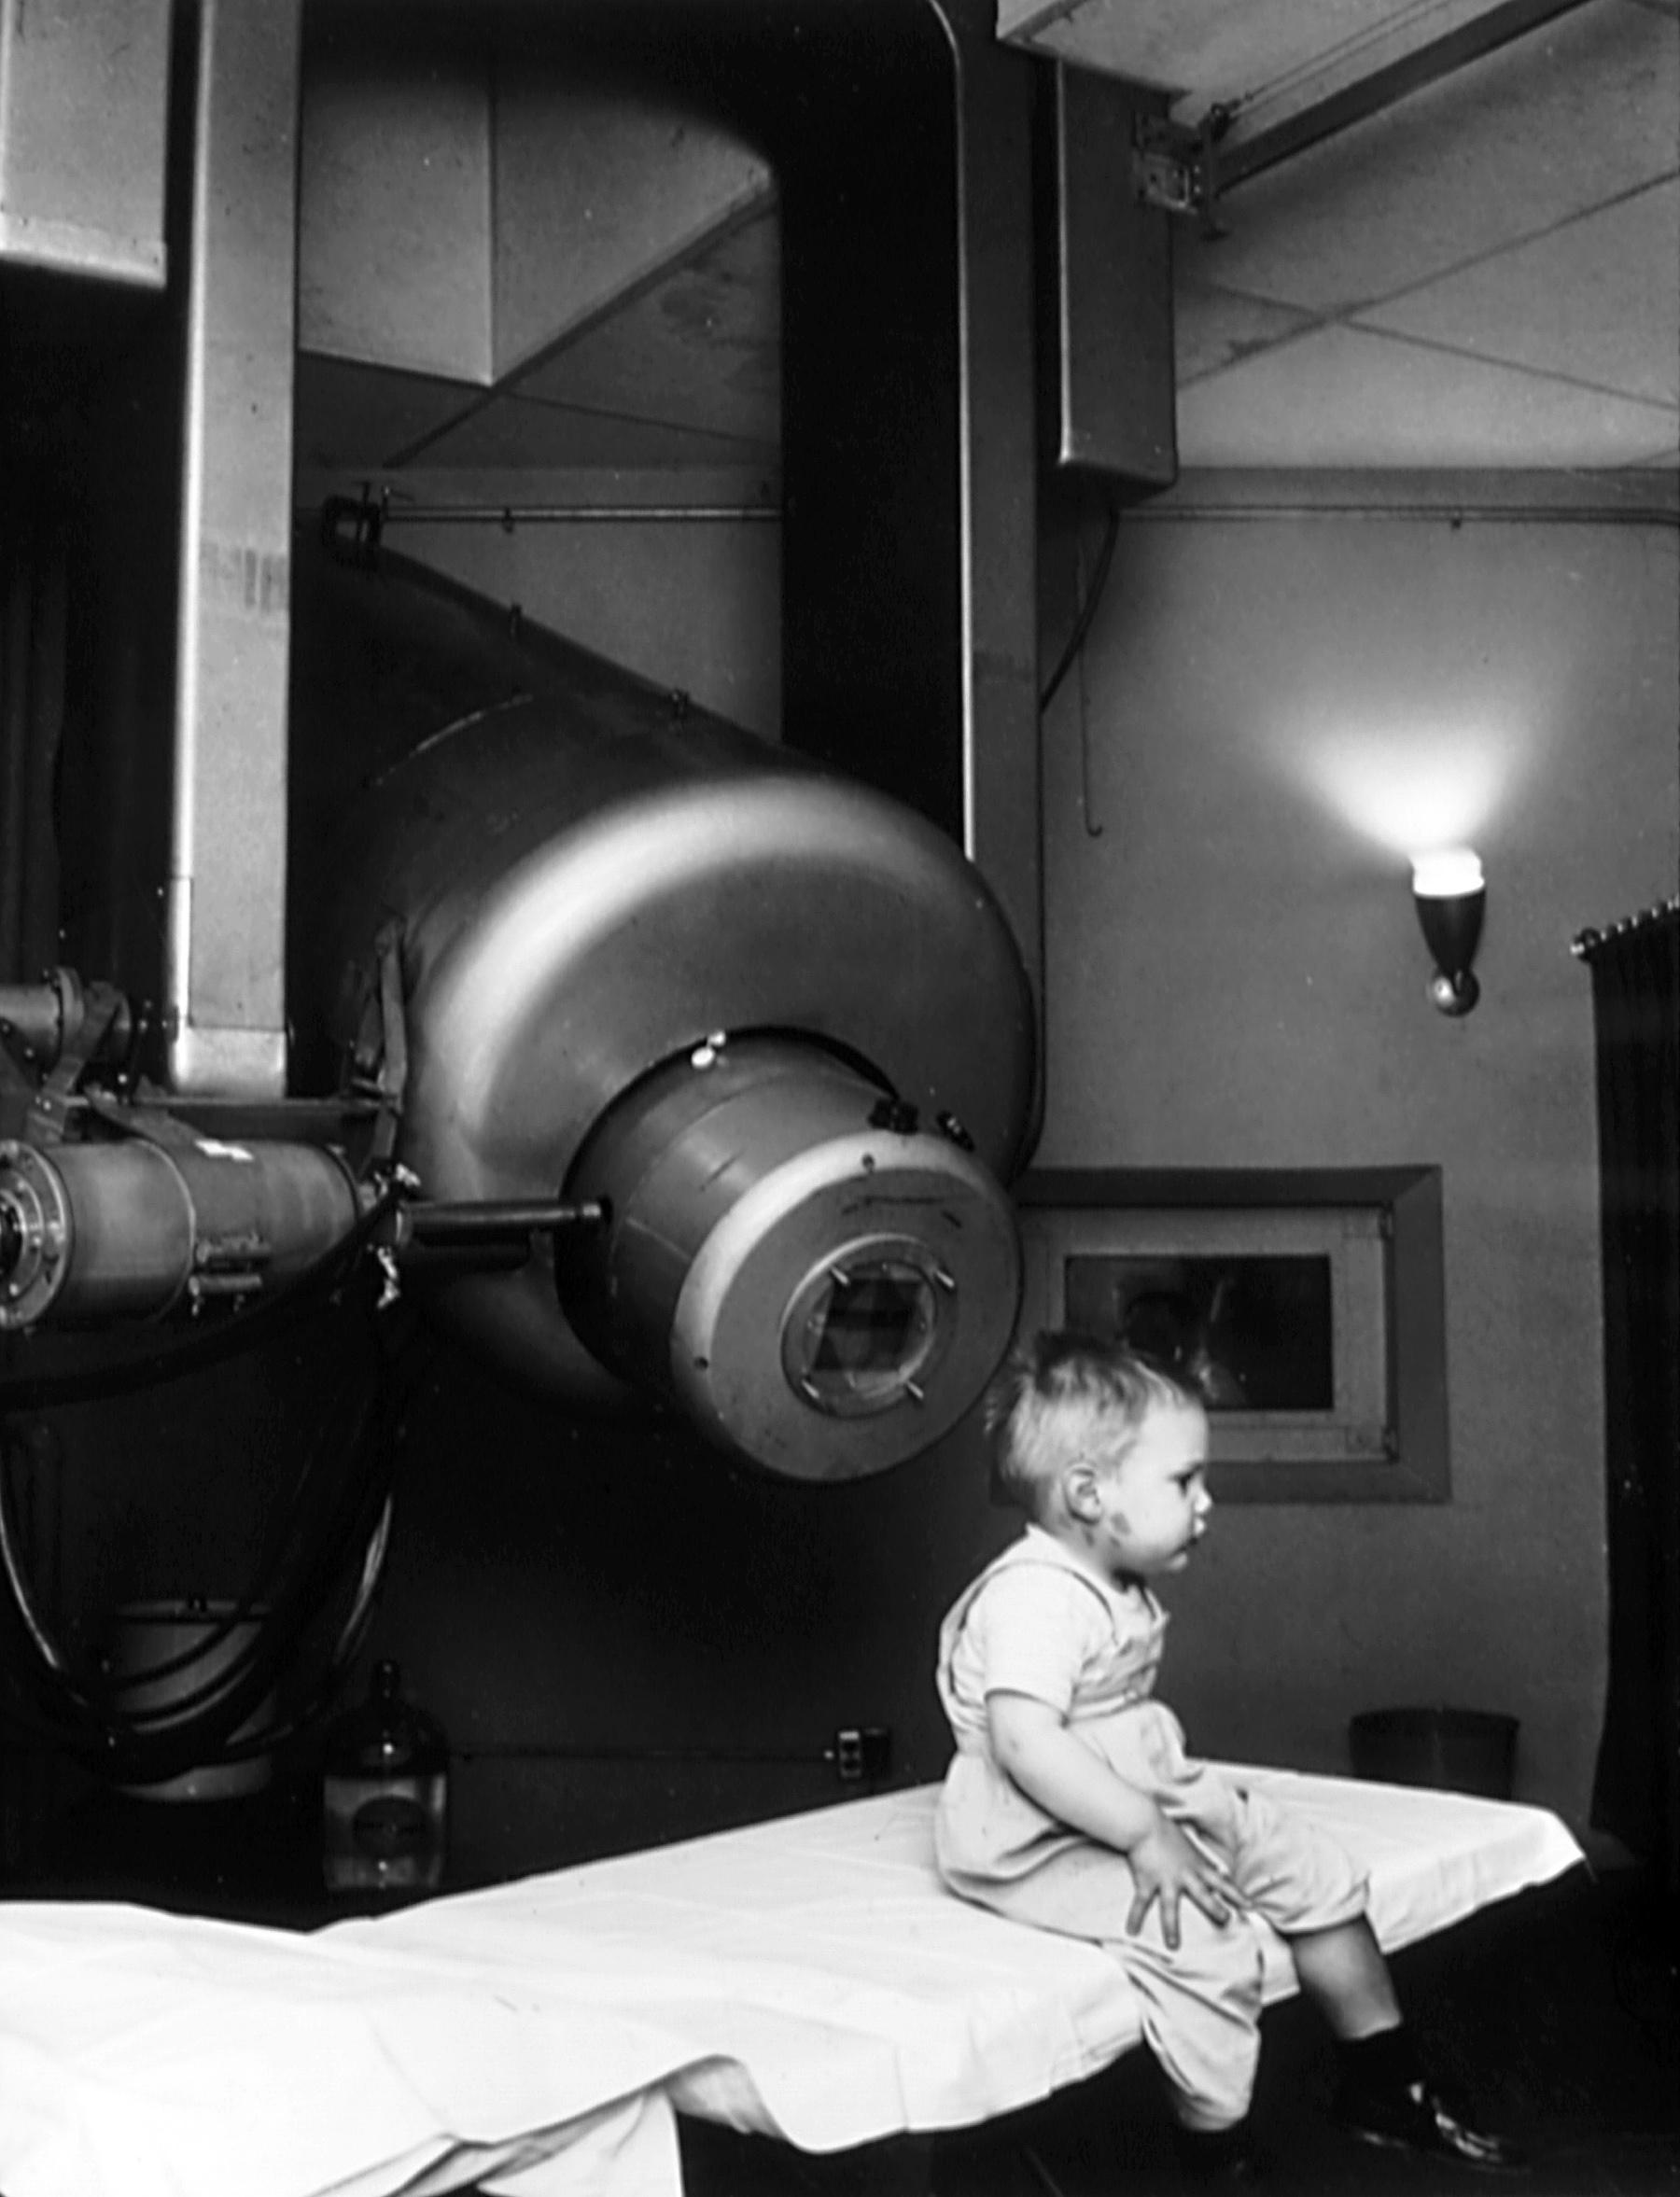 1957年第一位接受采用线性加速器的放射疗法治疗视网膜母细胞瘤的患儿Gordon Isaacs。他的右眼由于癌细胞扩散已于1957年1月11日摘除,其左眼则采取了放射疗法进行治疗,如今视力正常。/ Wikipedia